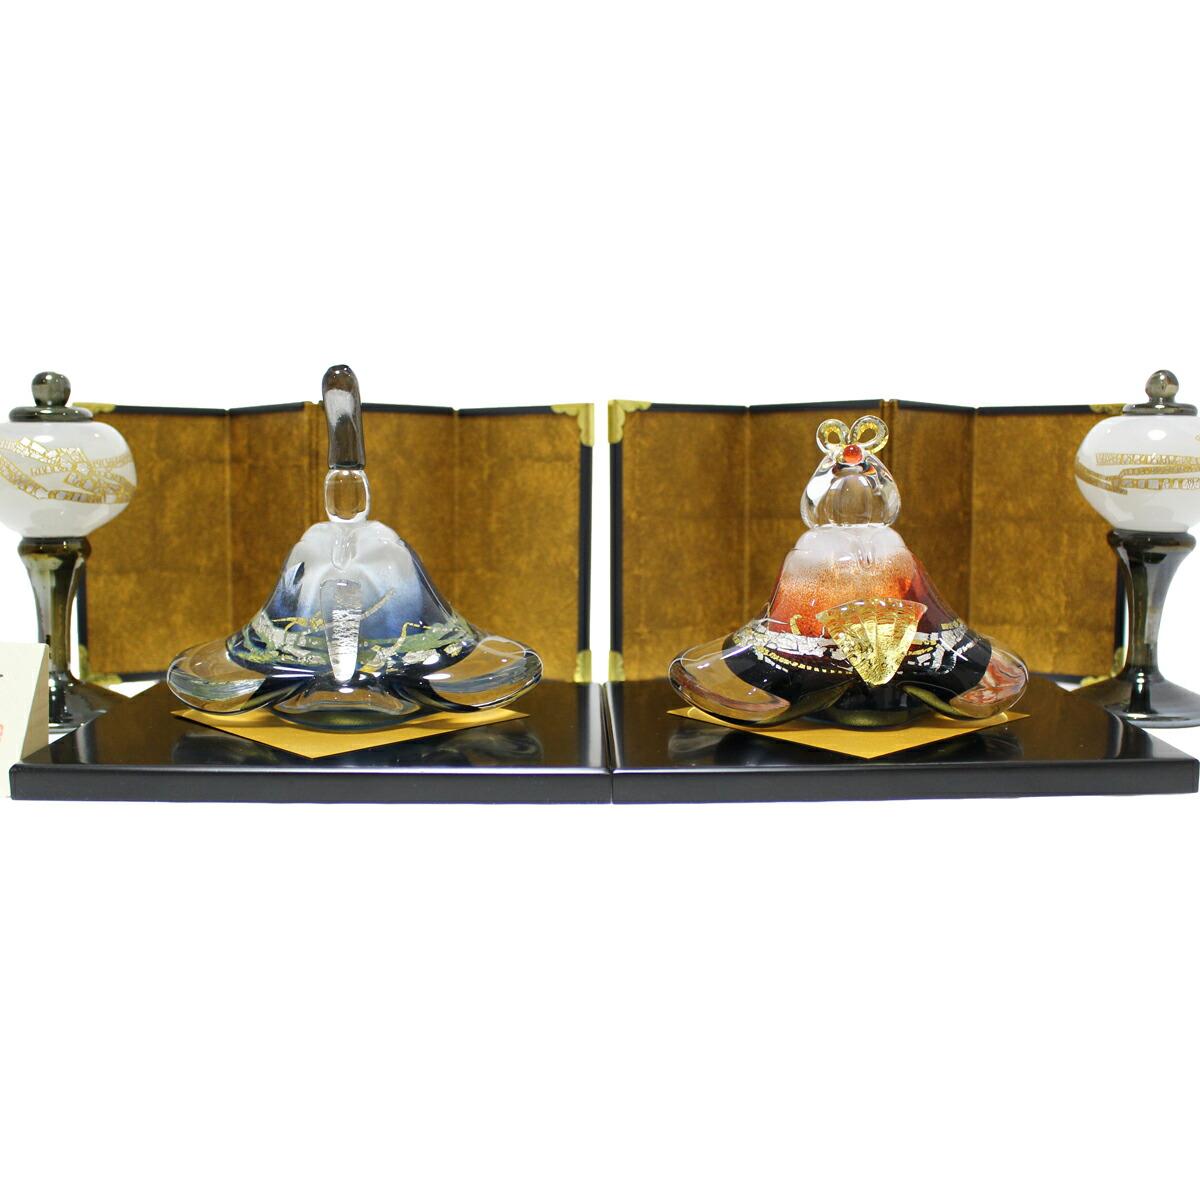 ガラスのお雛様 glass calico グラスキャリコ 富士雛 雪洞(ぼんぼり)付き ハンドメイド ガラスアート